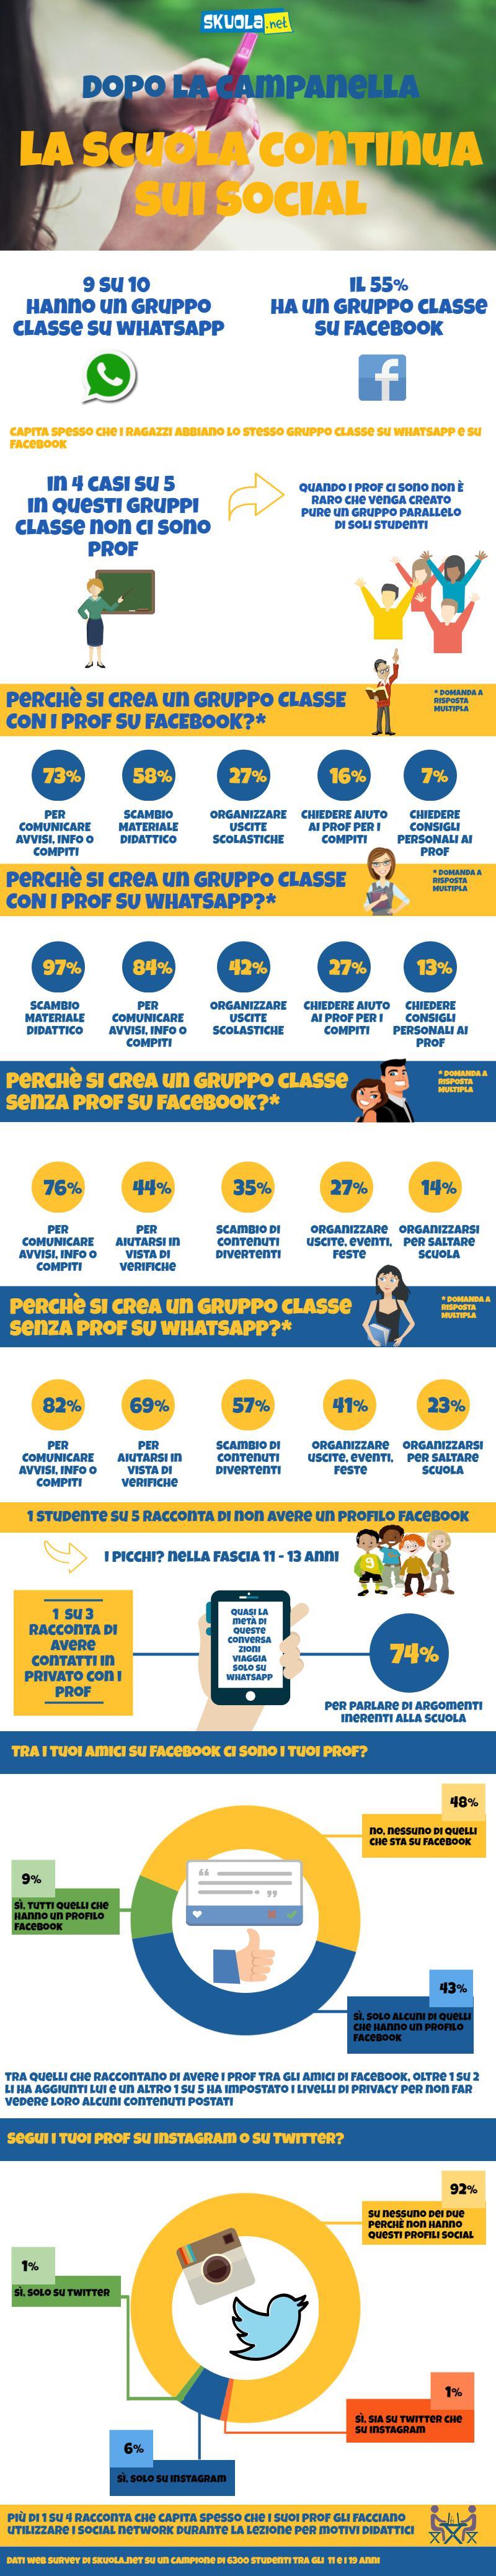 Dopo la campanella la scuola continua sui social - Skuola.net